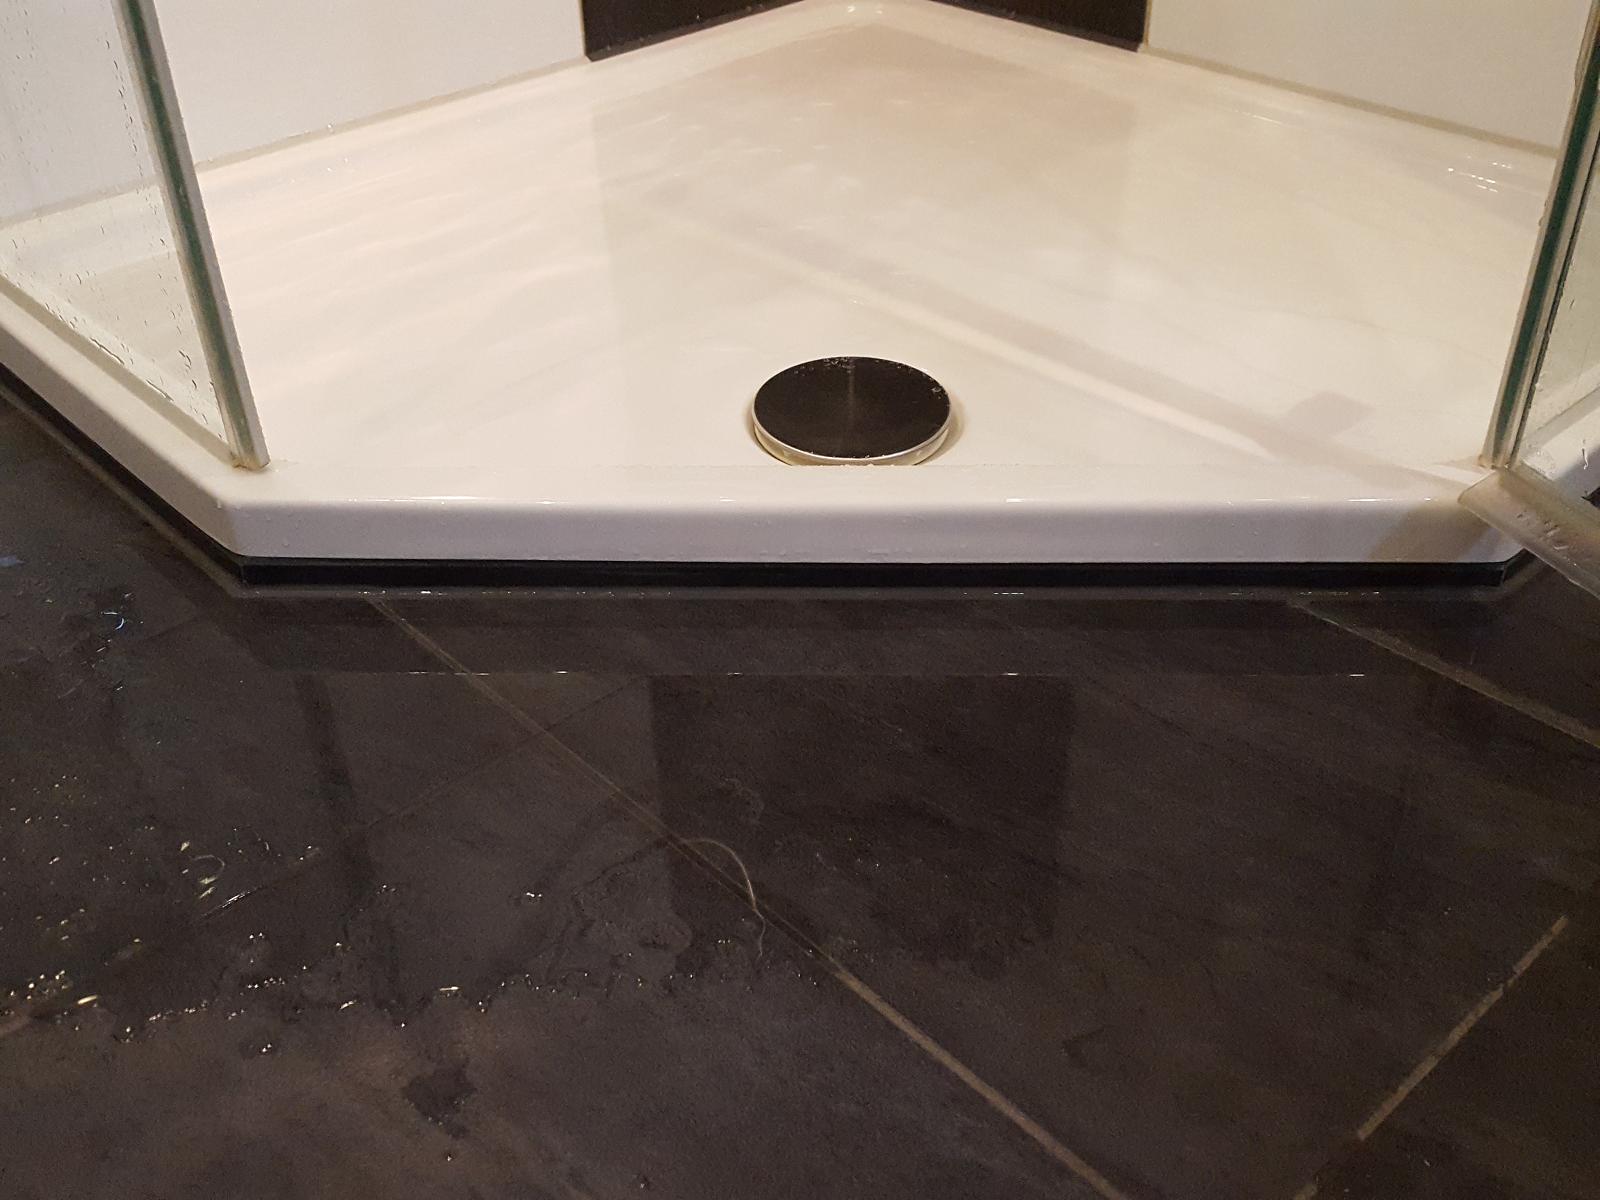 nachträglicher Einbau einer bodengleichen Dusche wenn falsch eingebaut spritzt das Wasser